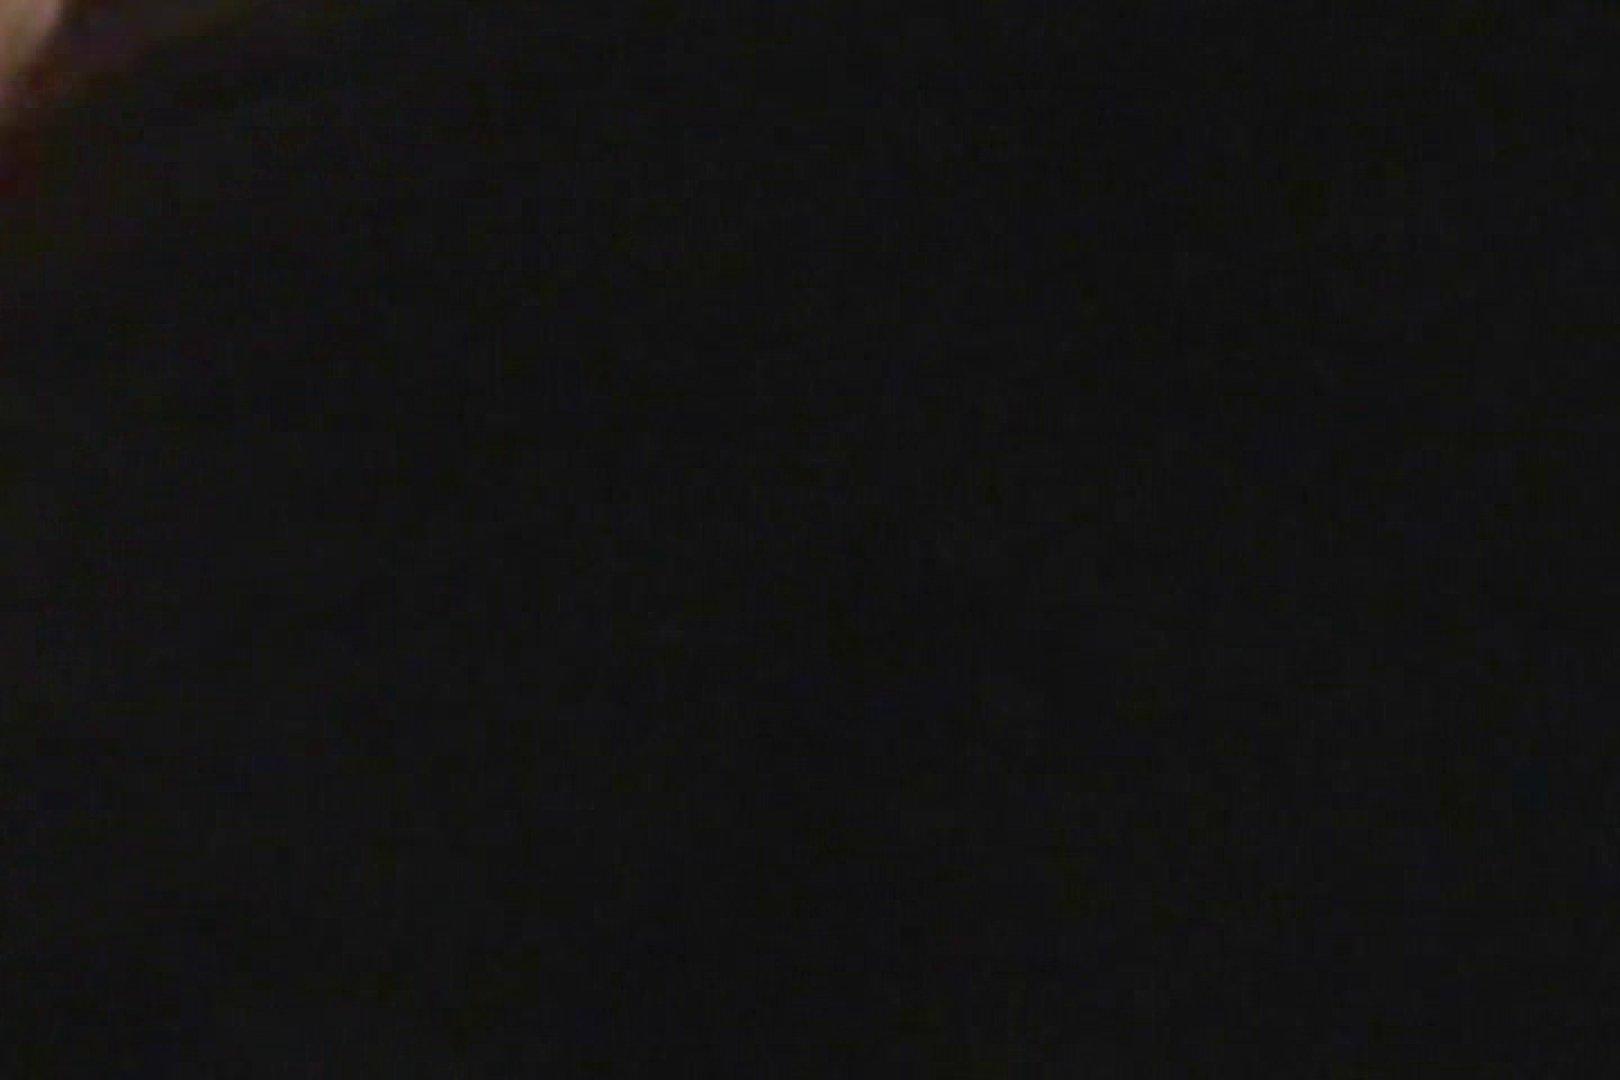 独占イケメンゲッチュー!前編 期間限定配信 イケメンたち ゲイエロビデオ画像 110pic 84